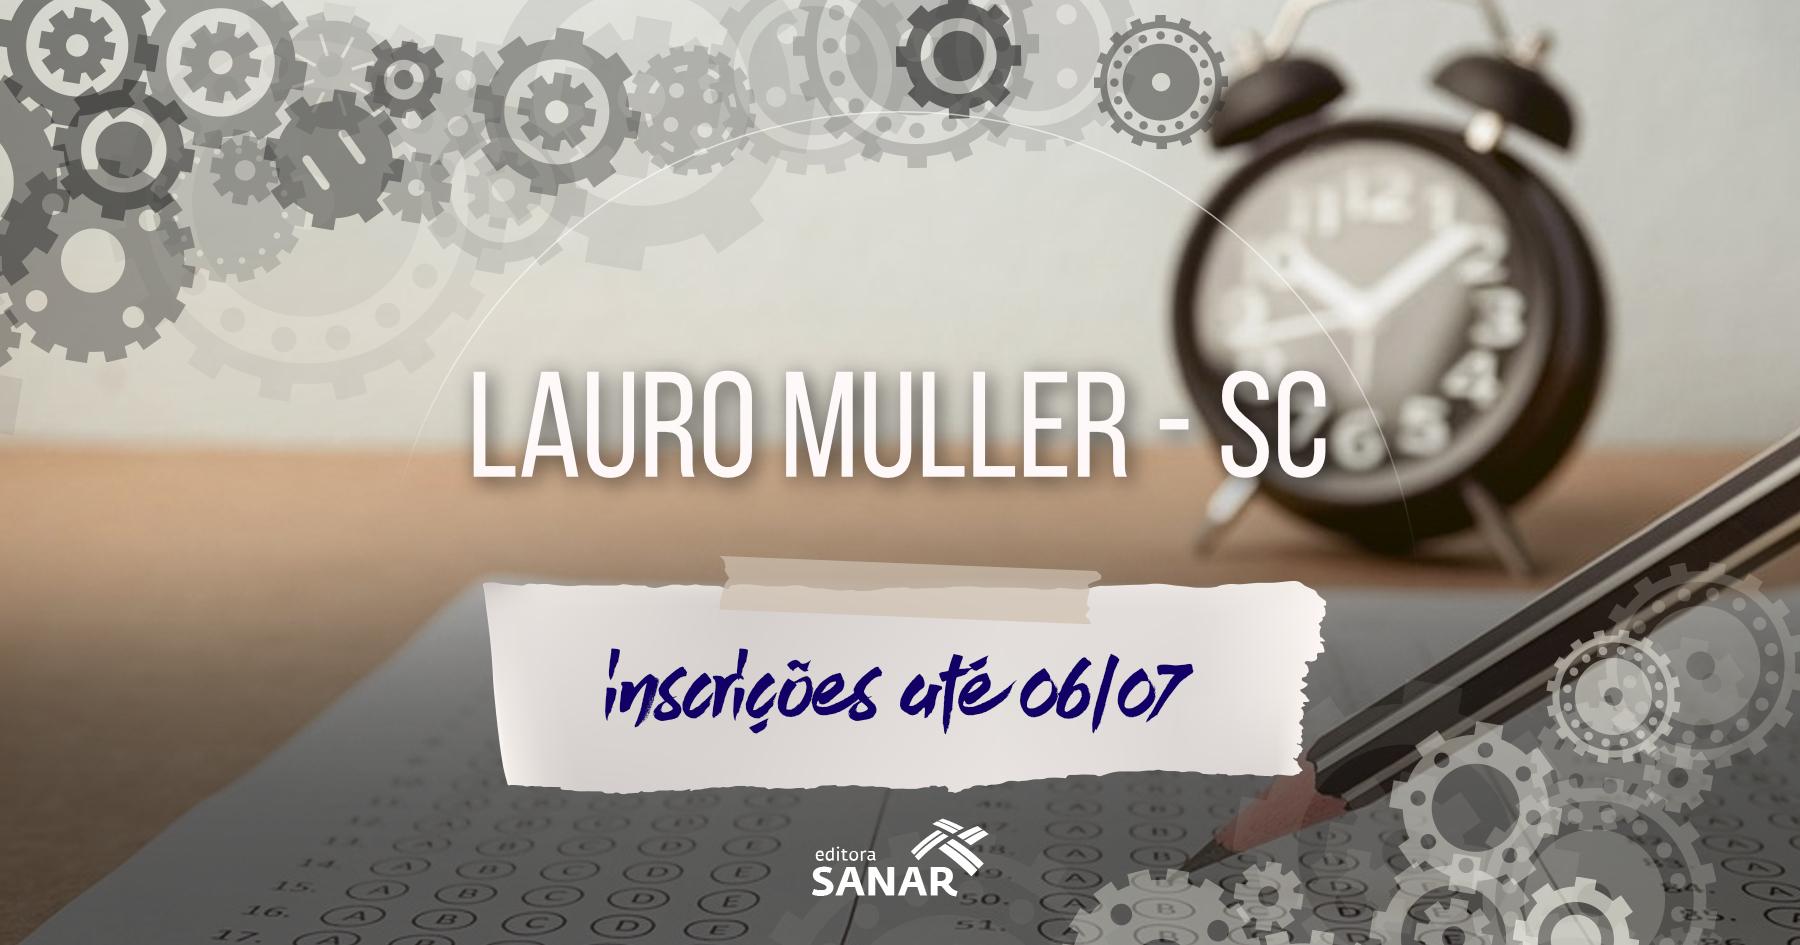 Processo Seletivo: Prefeitura de Lauro Muller (SC) abre seleção para médicos